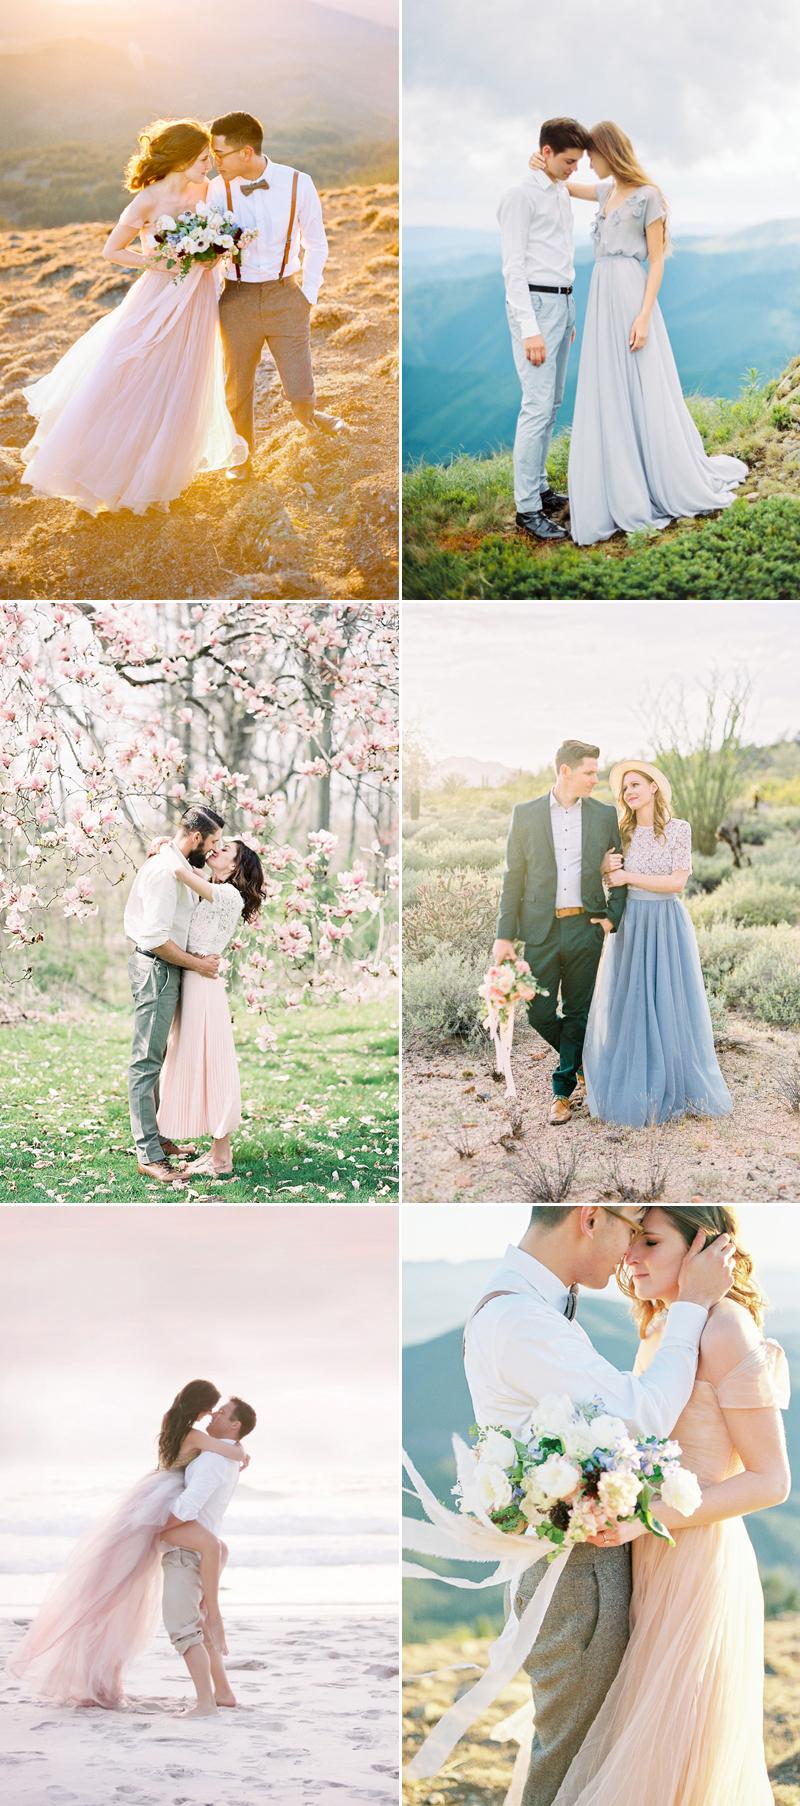 springsummerengagementoutfit01-pastel